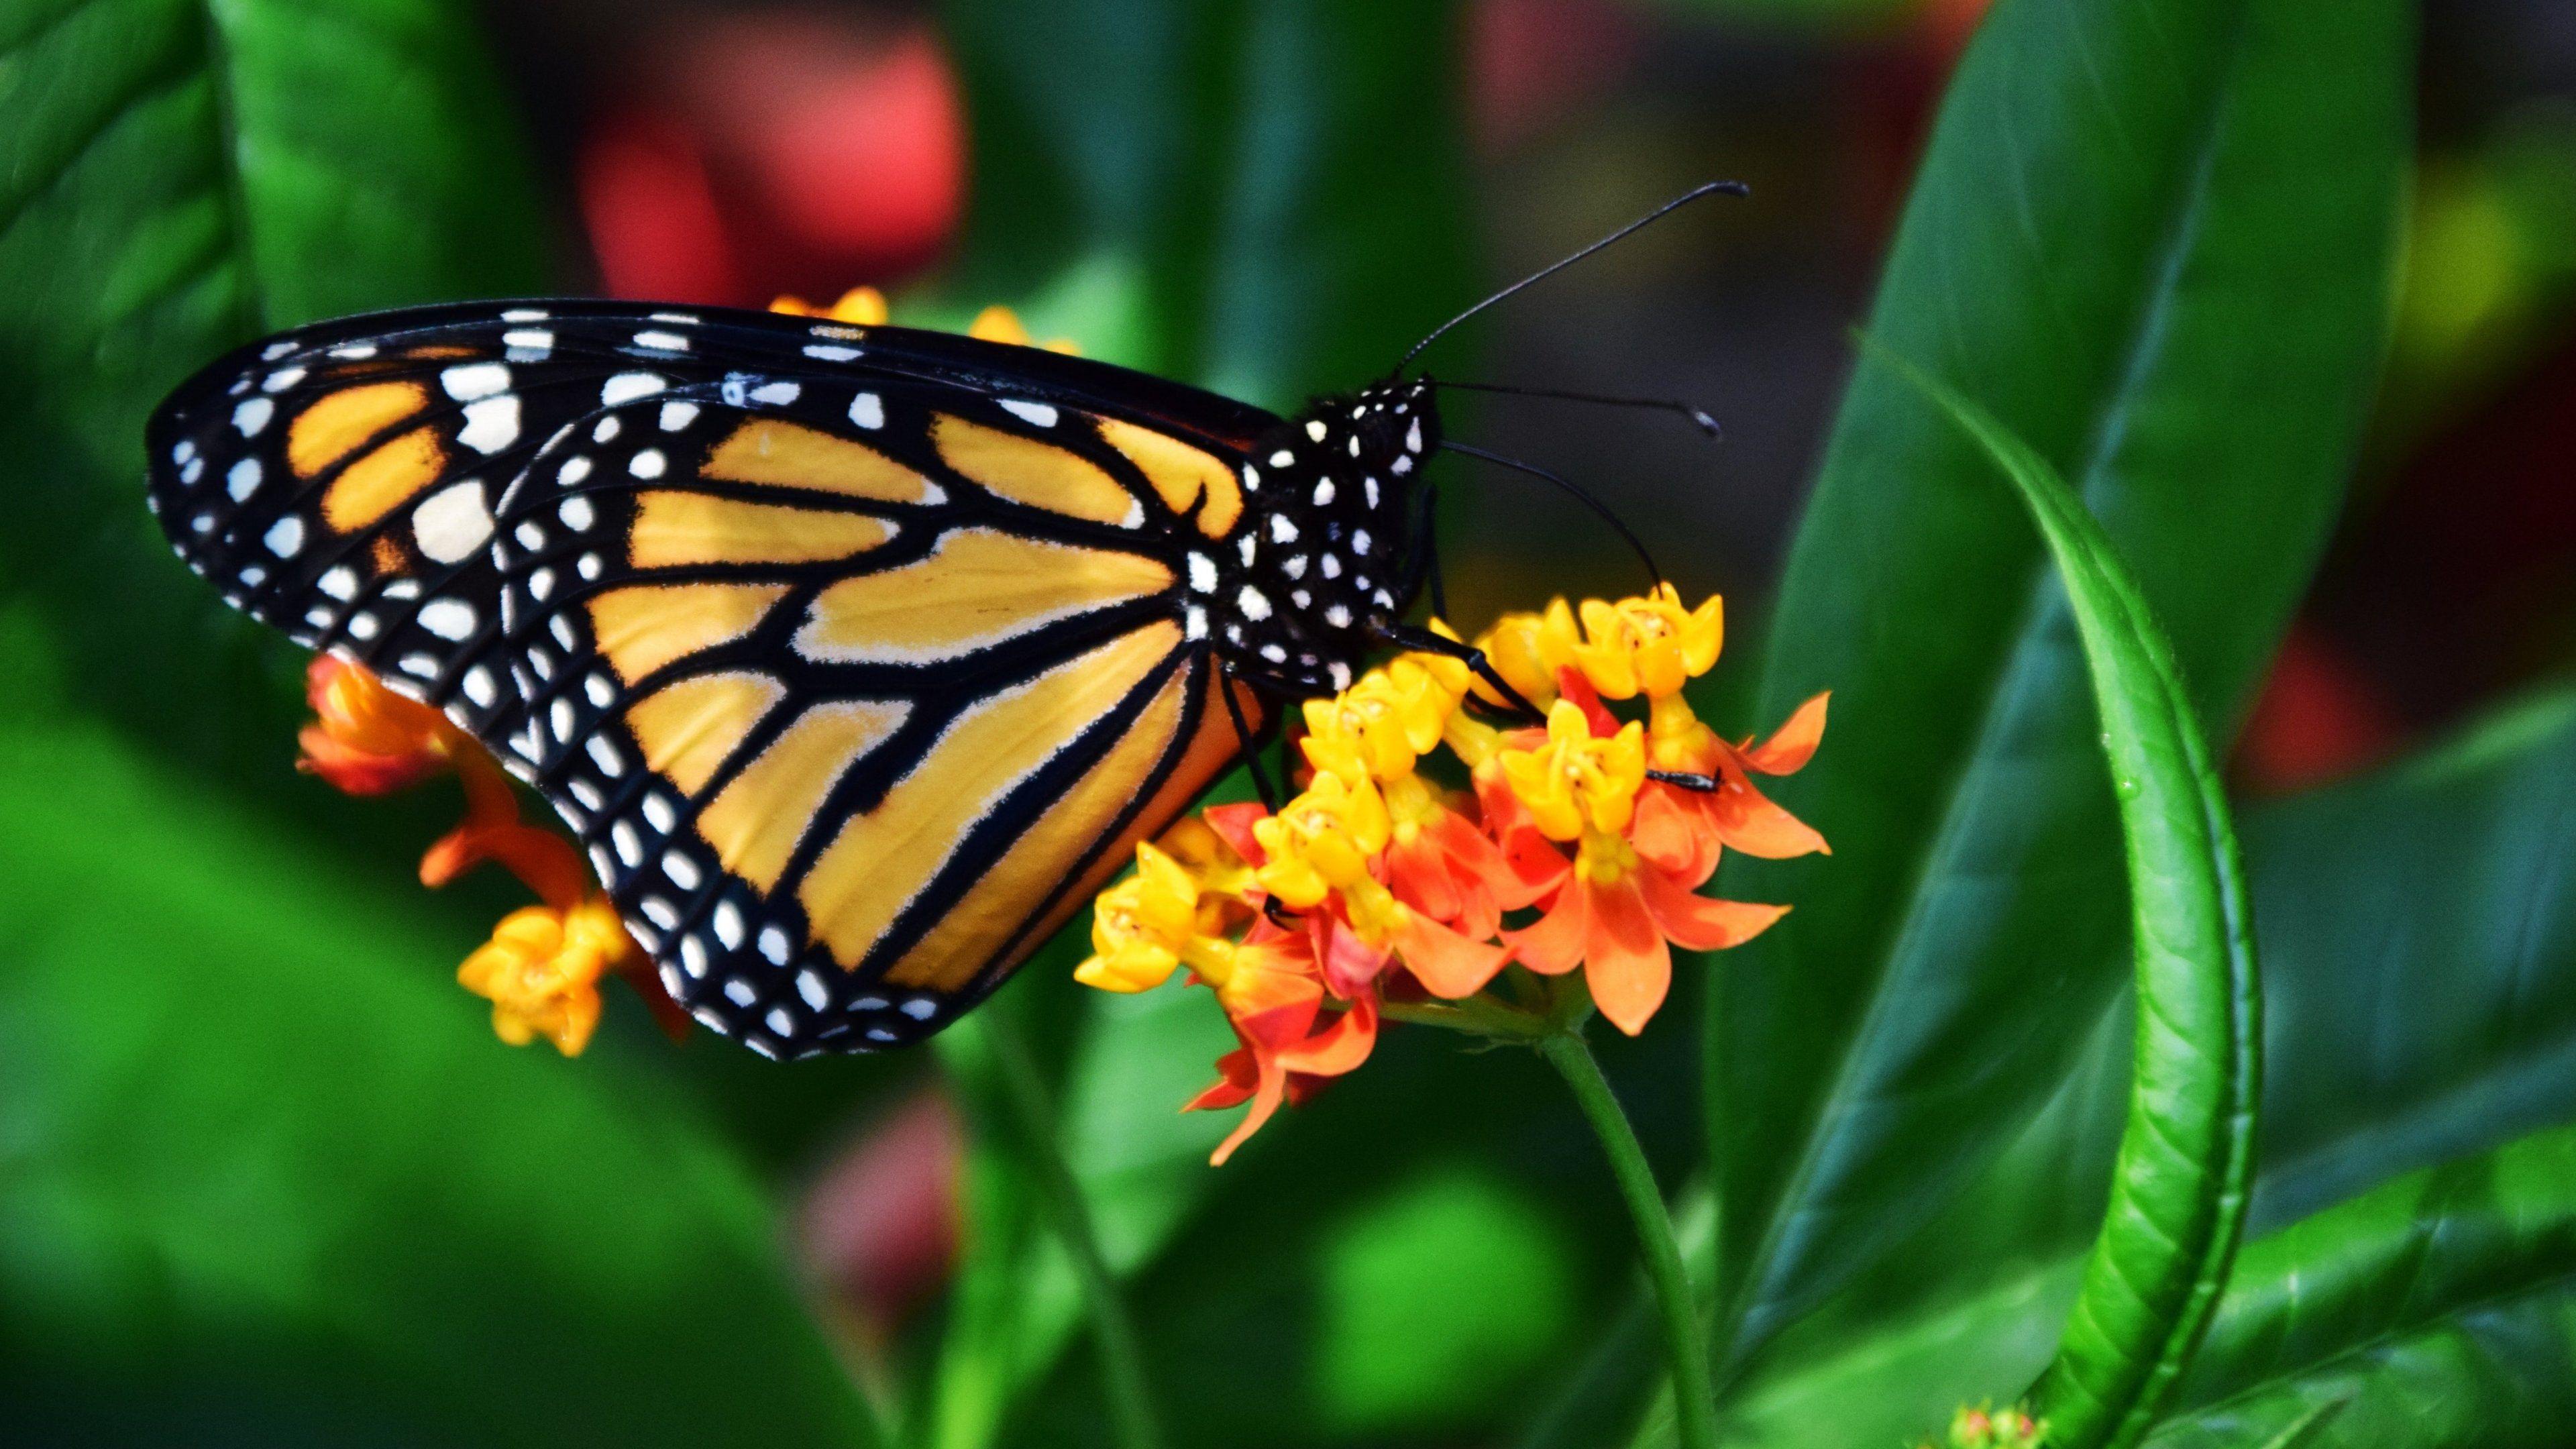 Butterfly Desktop Wallpapers - Top Free Butterfly Desktop ...